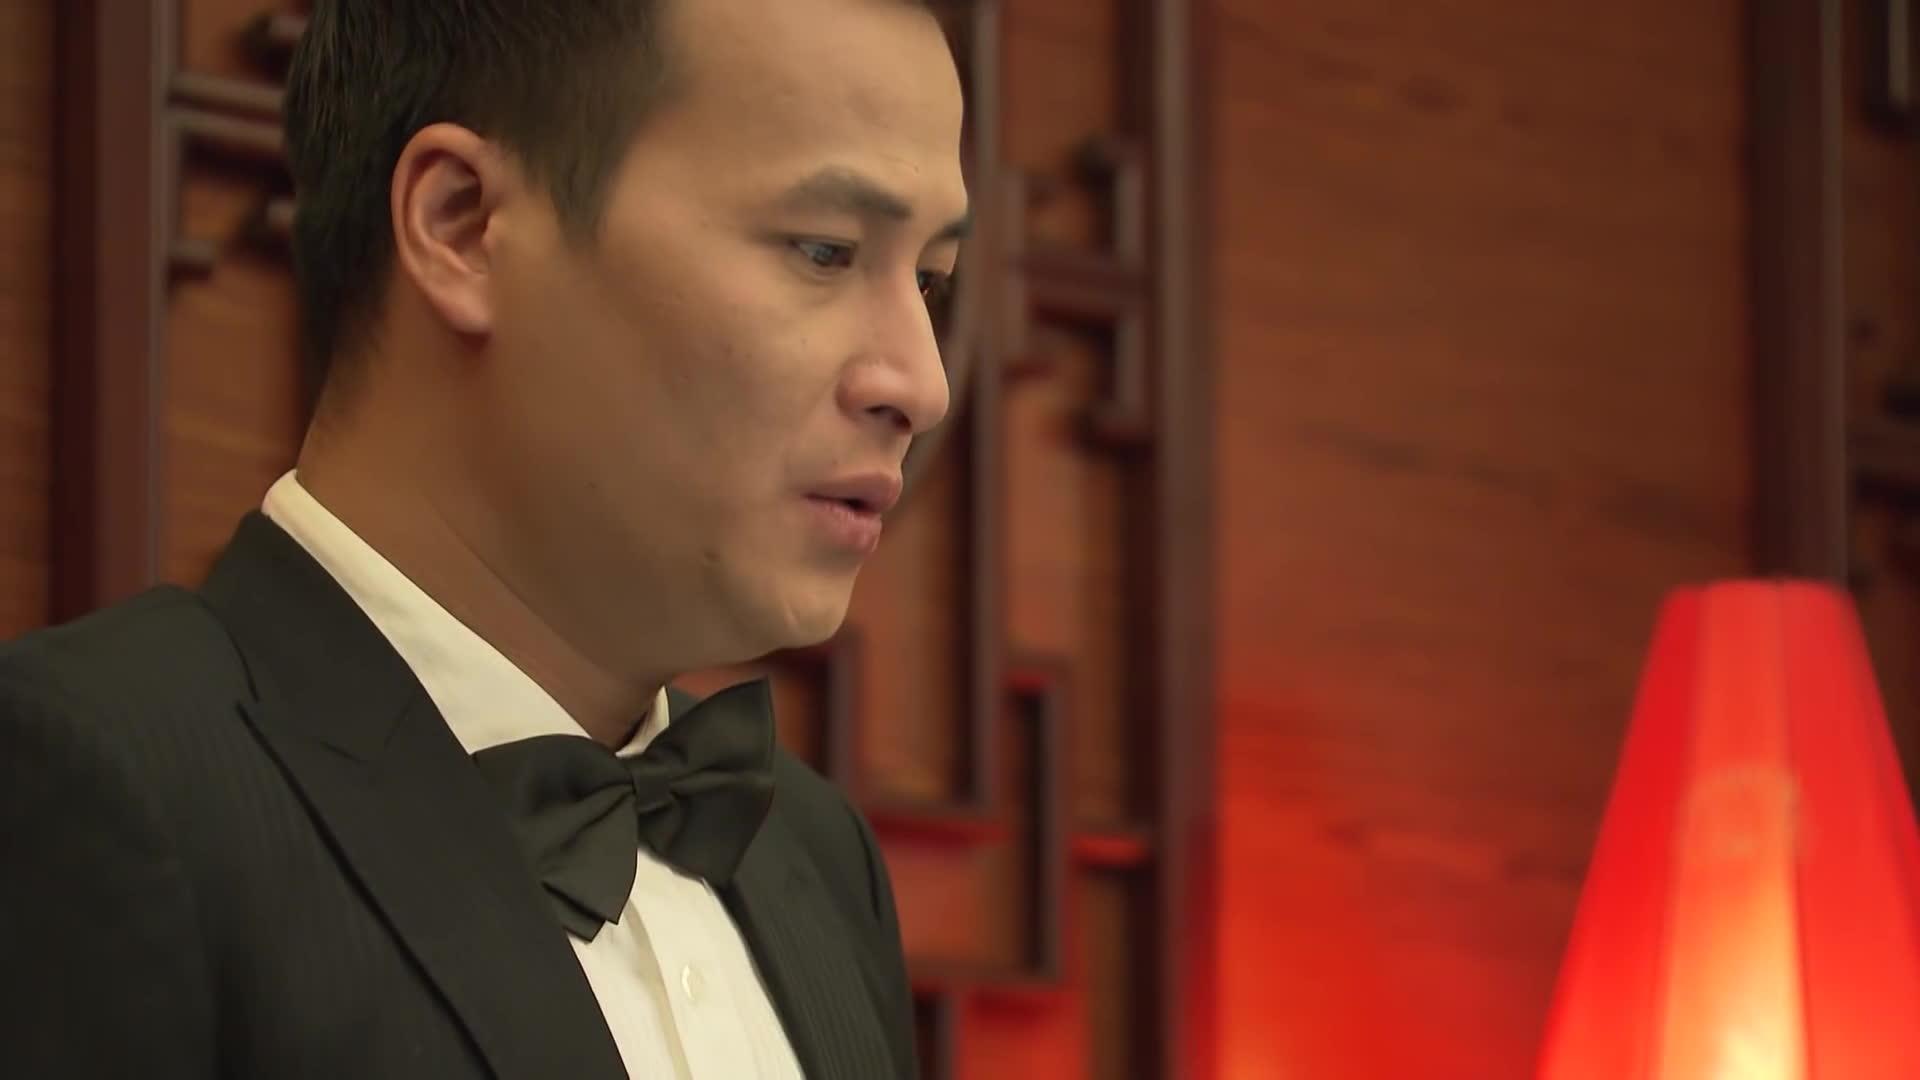 Hết cơn sốt mẹ chồng  con dâu, màn ảnh Việt lại chao đảo với chàng rể siêu bá đạo